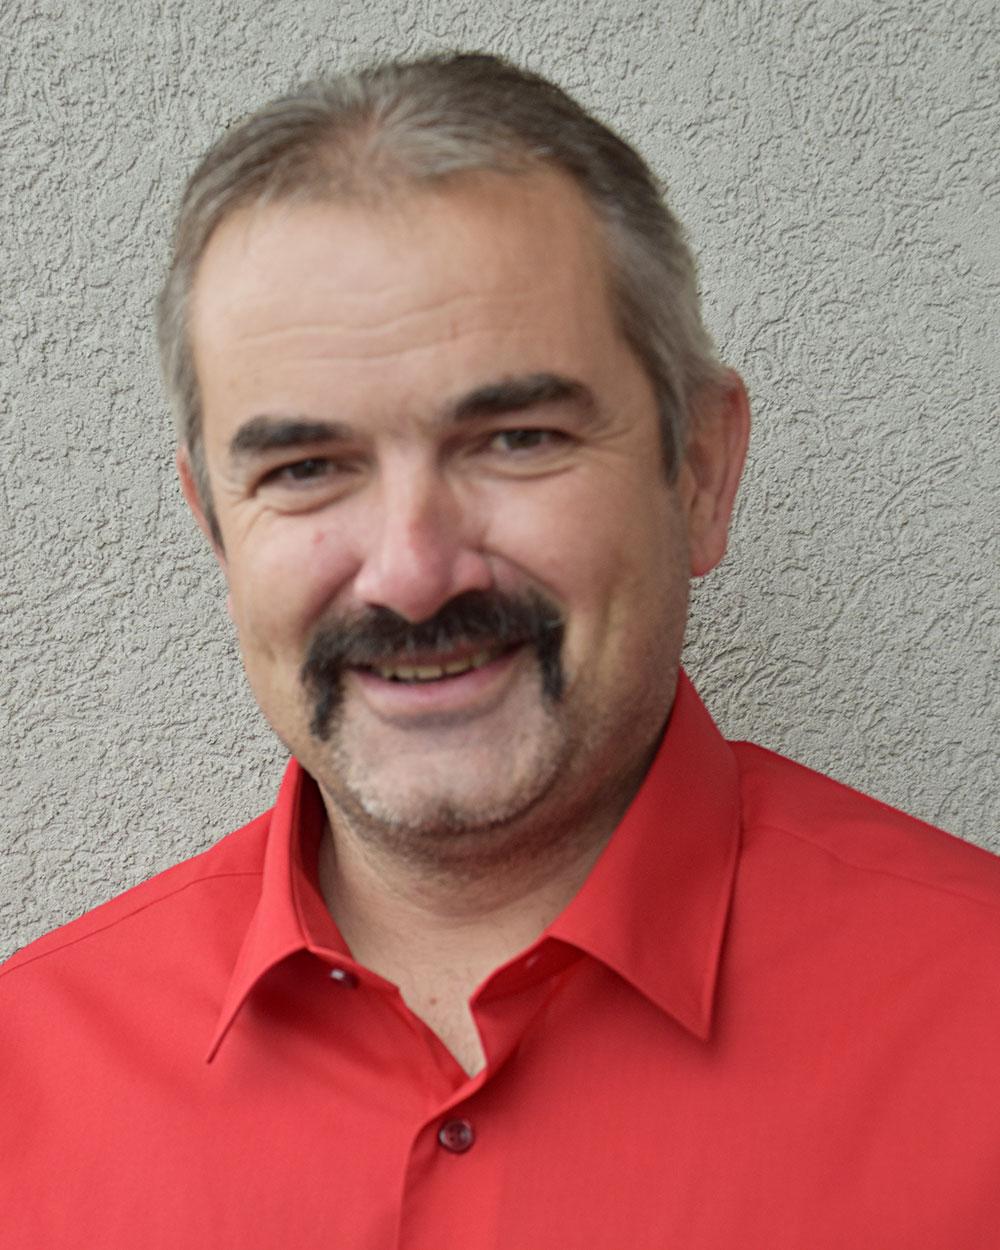 Peter Fankhauser